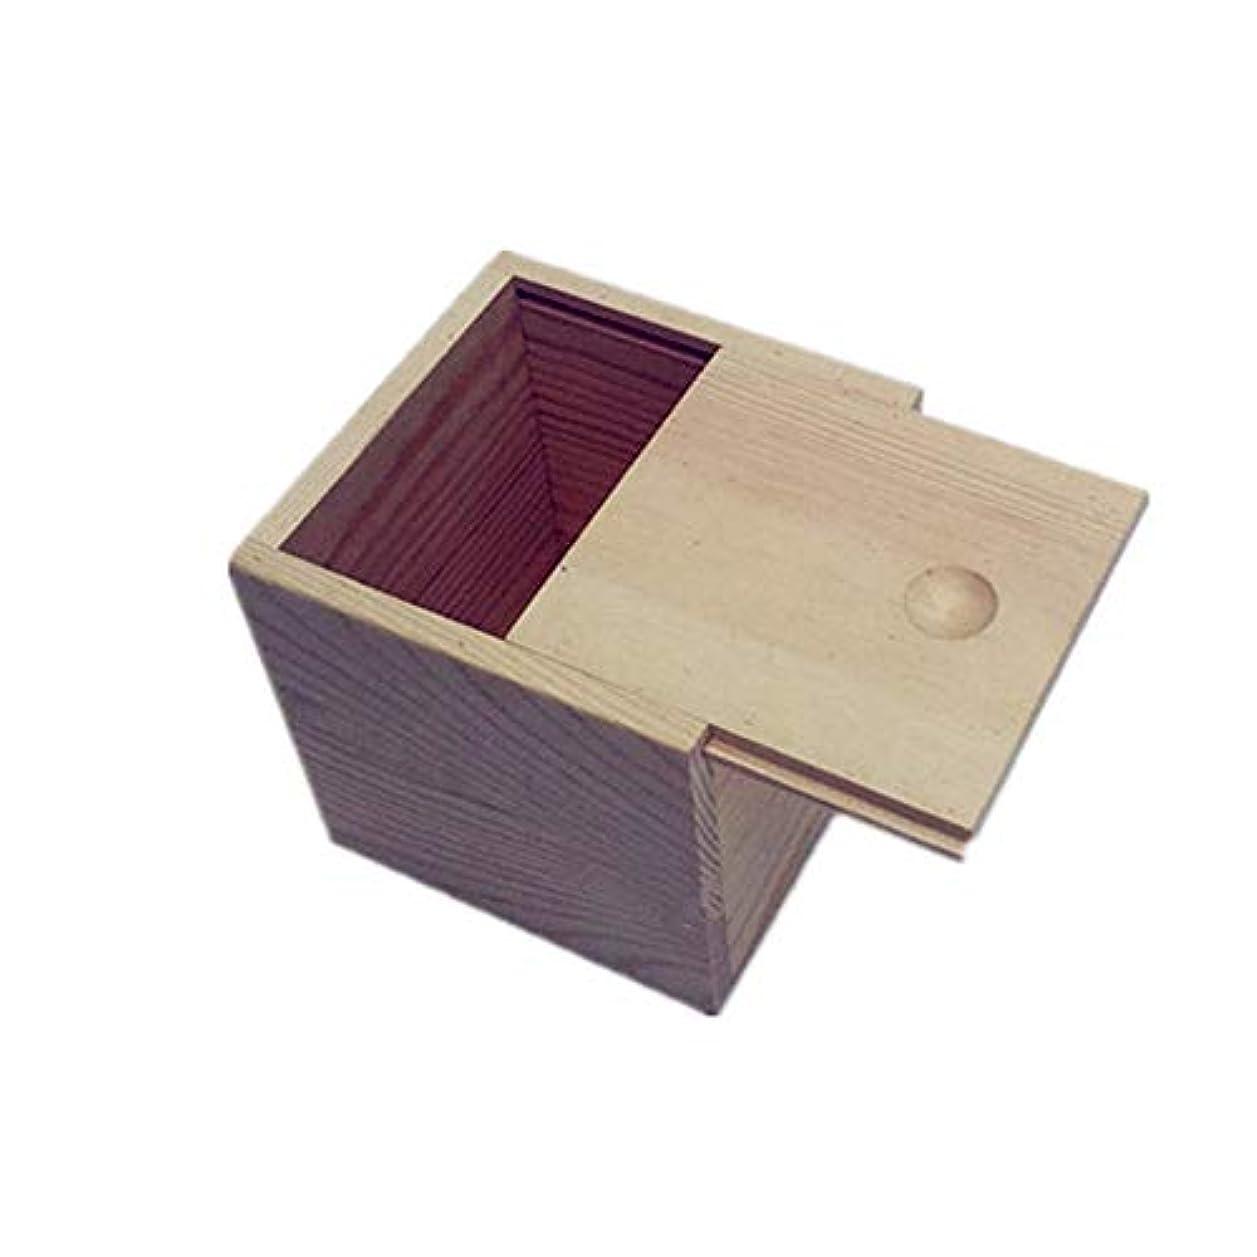 リングバック維持シネウィエッセンシャルオイルストレージボックス 木製のエッセンシャルオイルストレージボックス安全なスペースセーバーあなたの油を維持するためのベスト 旅行およびプレゼンテーション用 (色 : Natural, サイズ : 9X9X5CM)